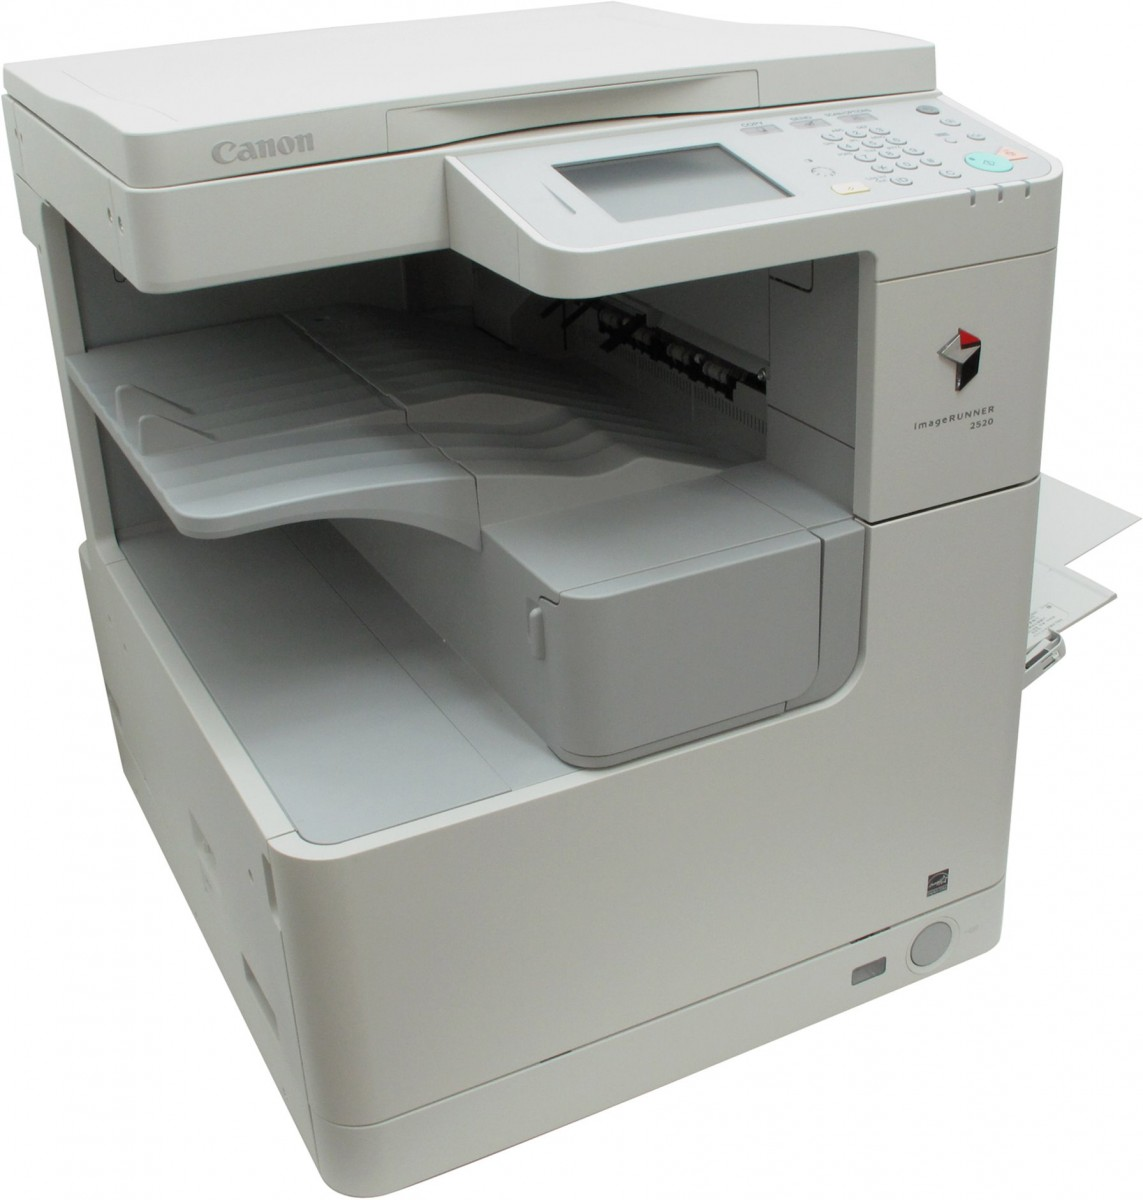 Срочный Ремонт принтеров и мфу Samsung / Canon / Xerox/ Epson в Одессе. Выезд мастера!